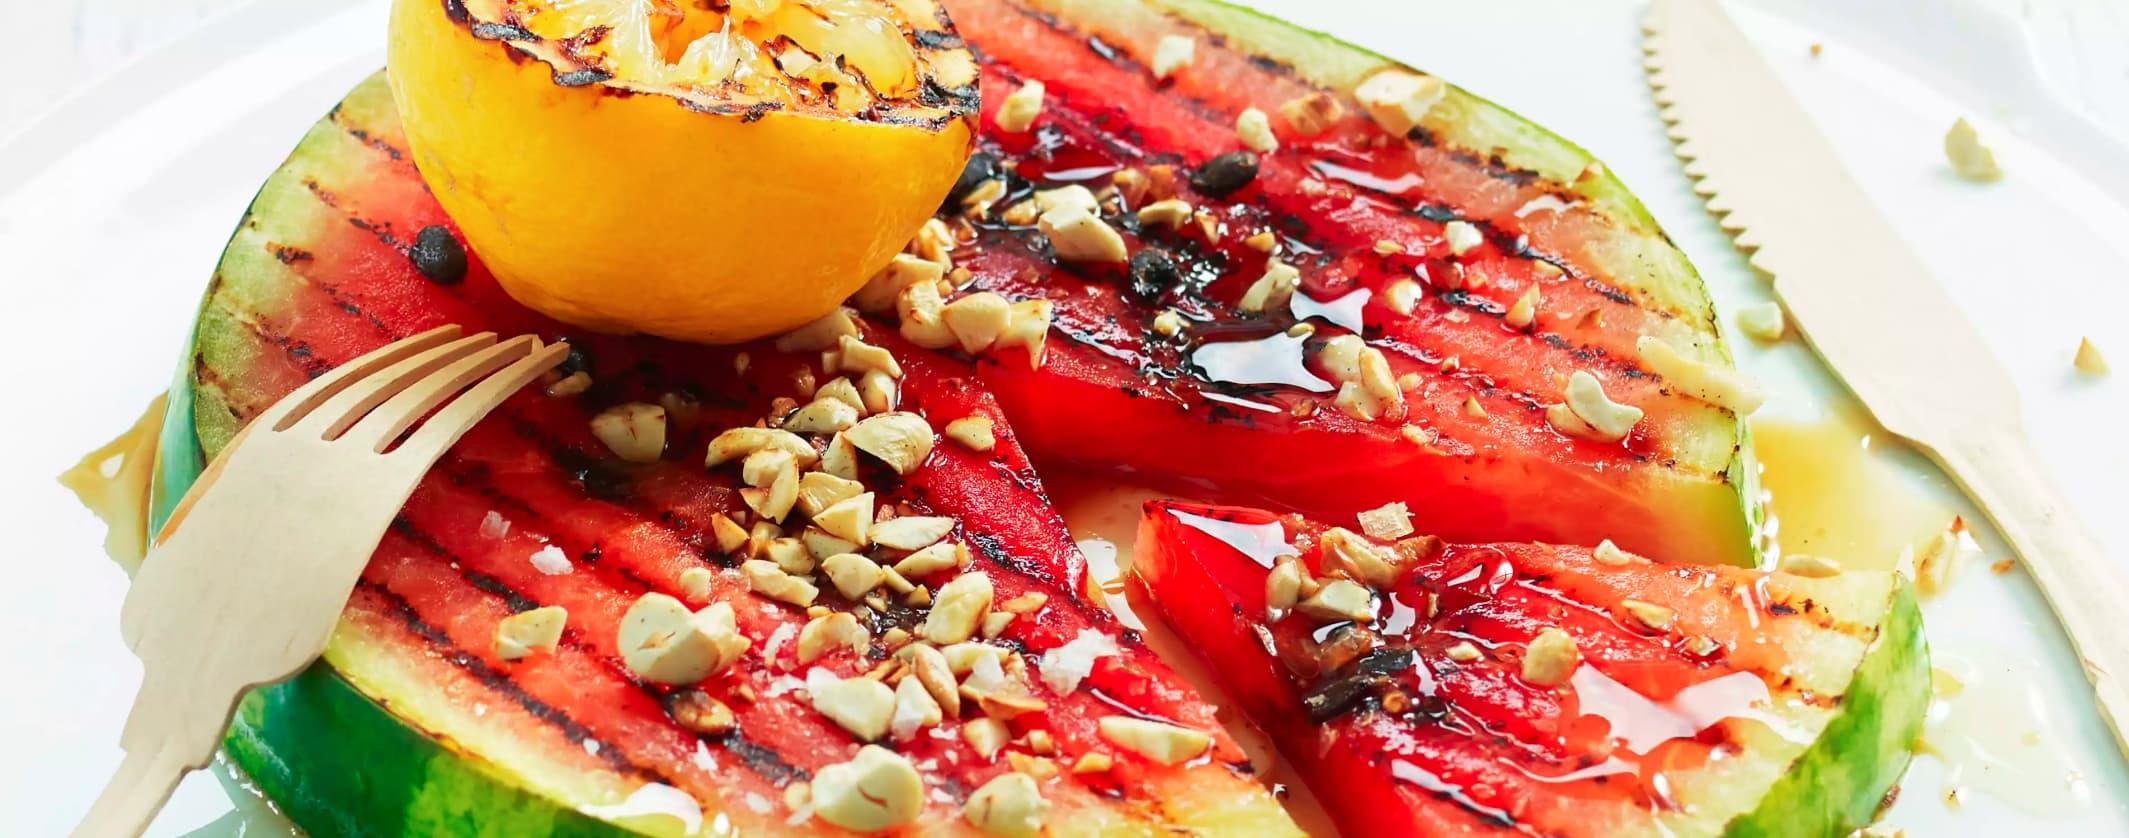 Grillet vannmelon passer både som tilbehør til oksekjøtt, som snacks, eller dessert for hele familien.